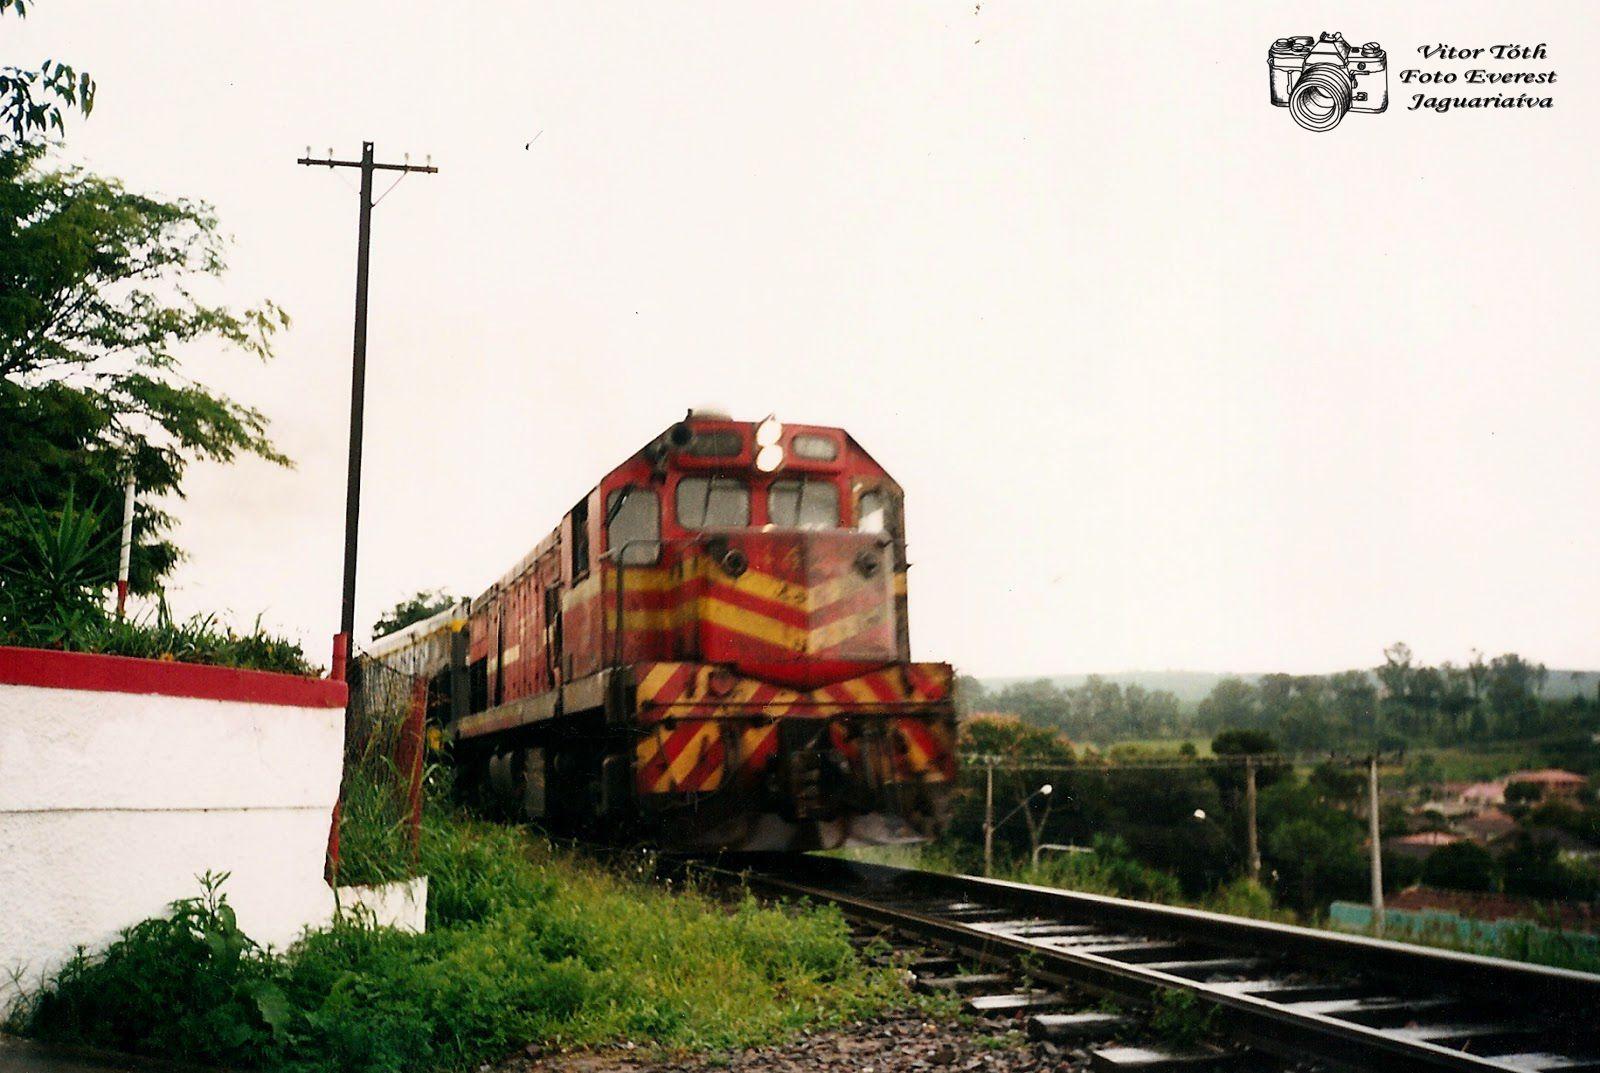 Tudo um Pouco: Ferrovia 02 - Jaguariaíva